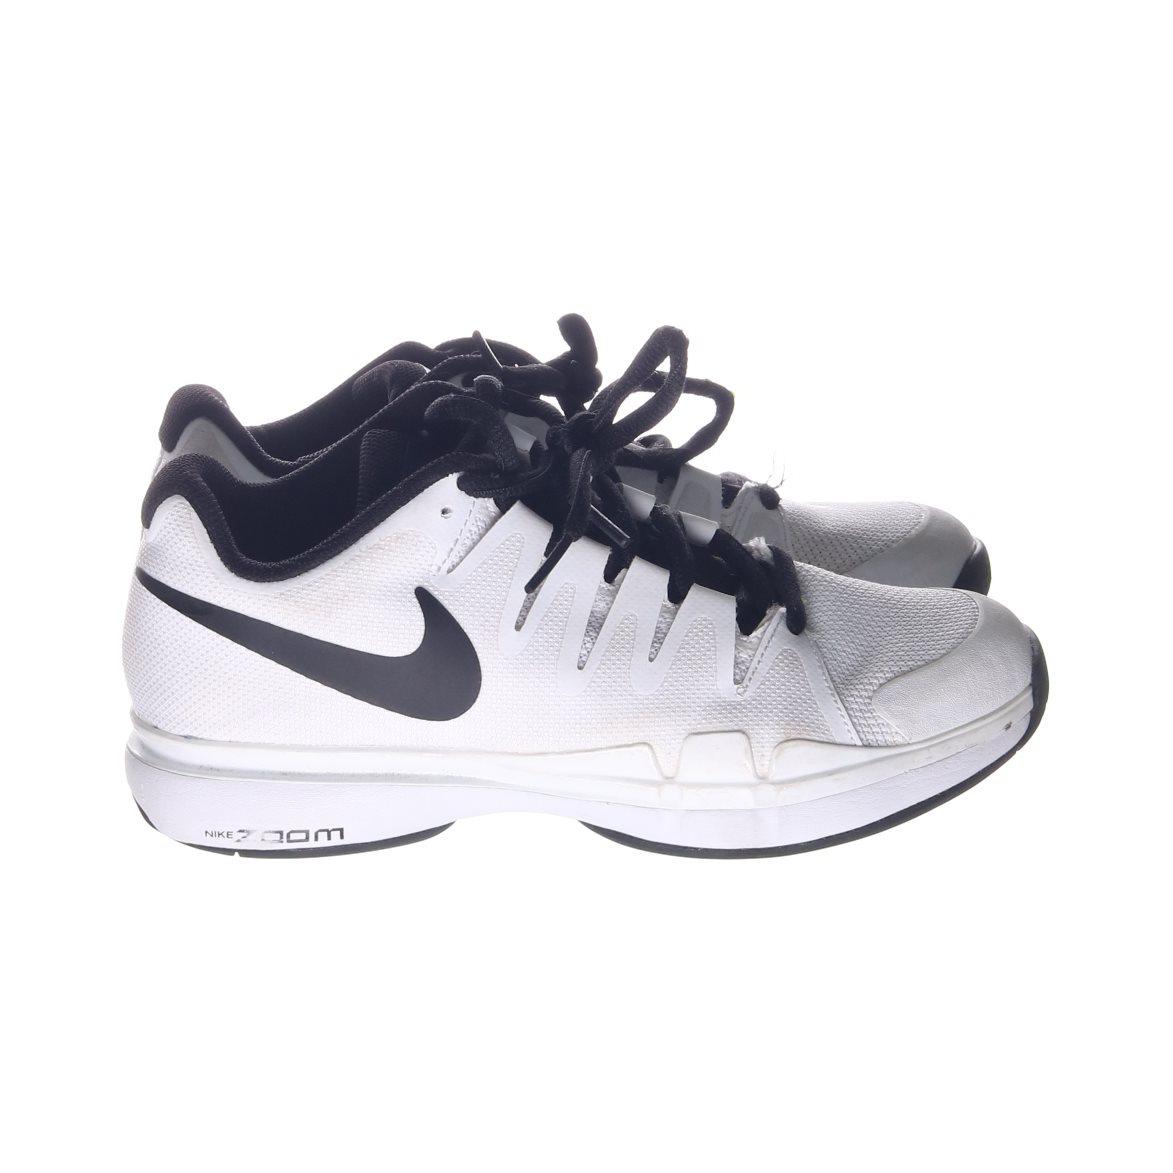 best service 64f31 5017b Nike, Gymnastikskor, Strl 37,5, VitSvart